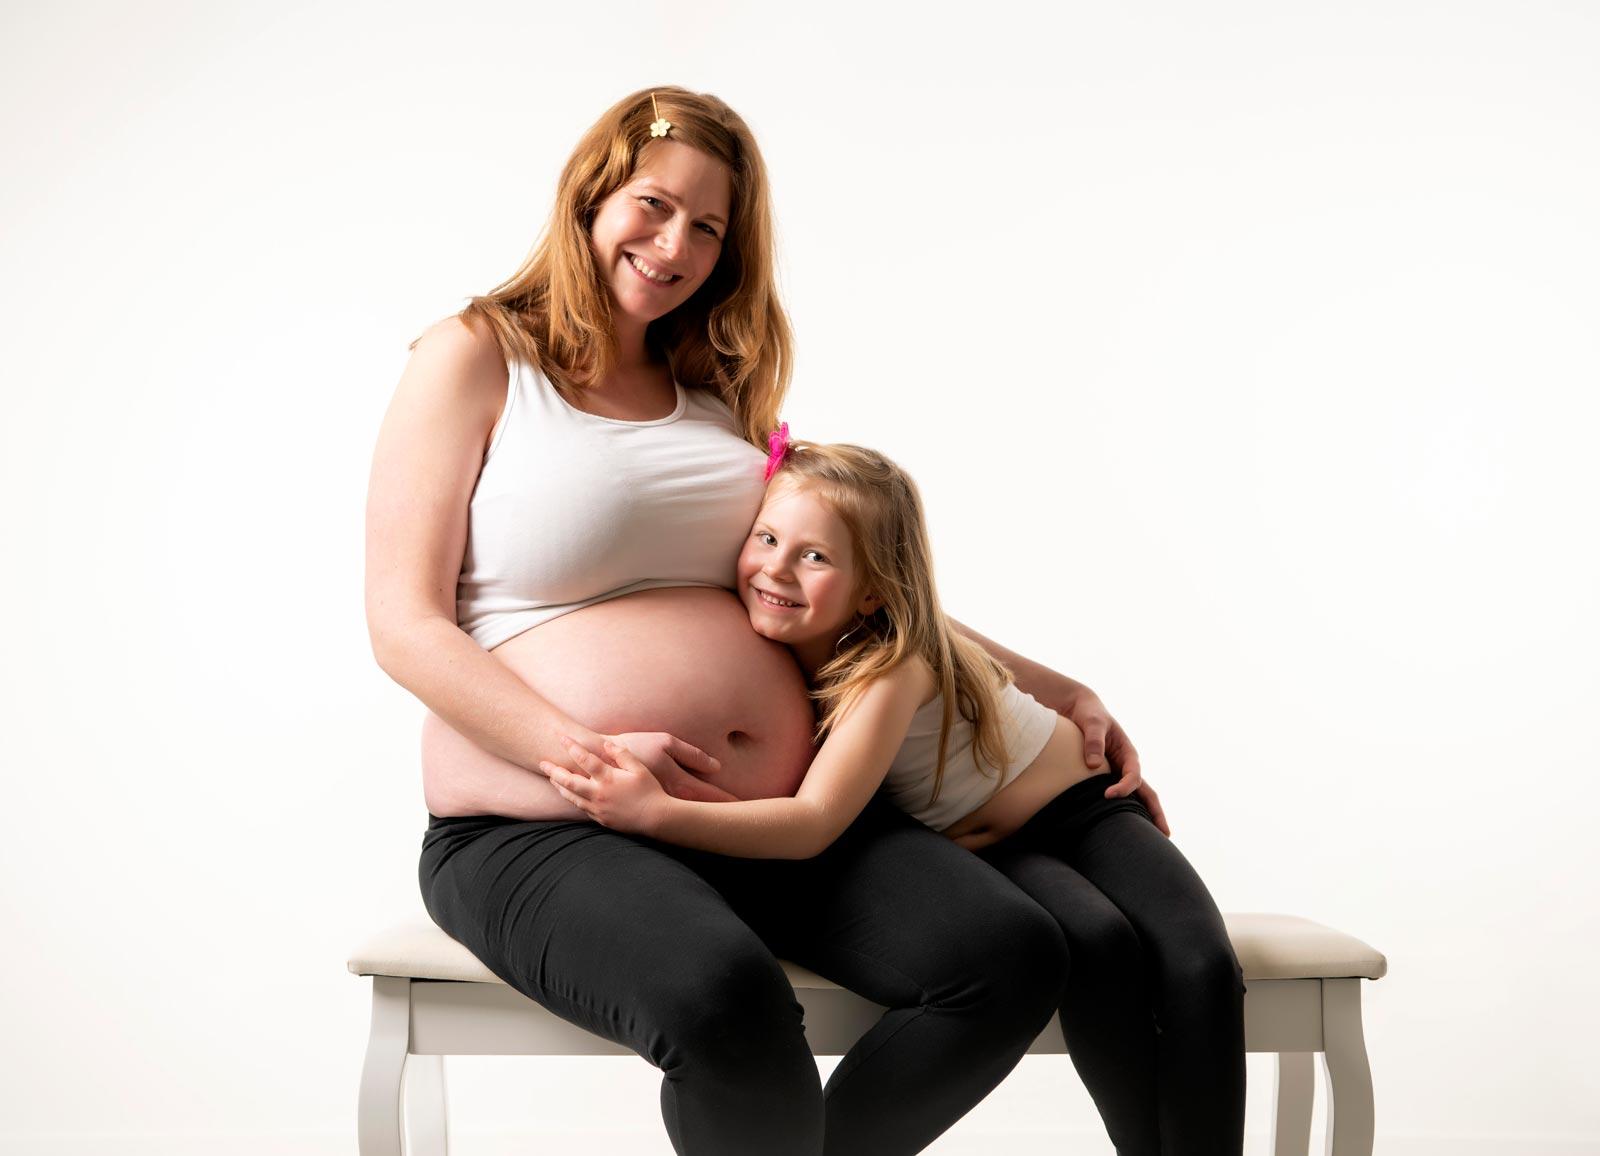 babybauchfotoshooting babyfotos fotograf erinnerungen